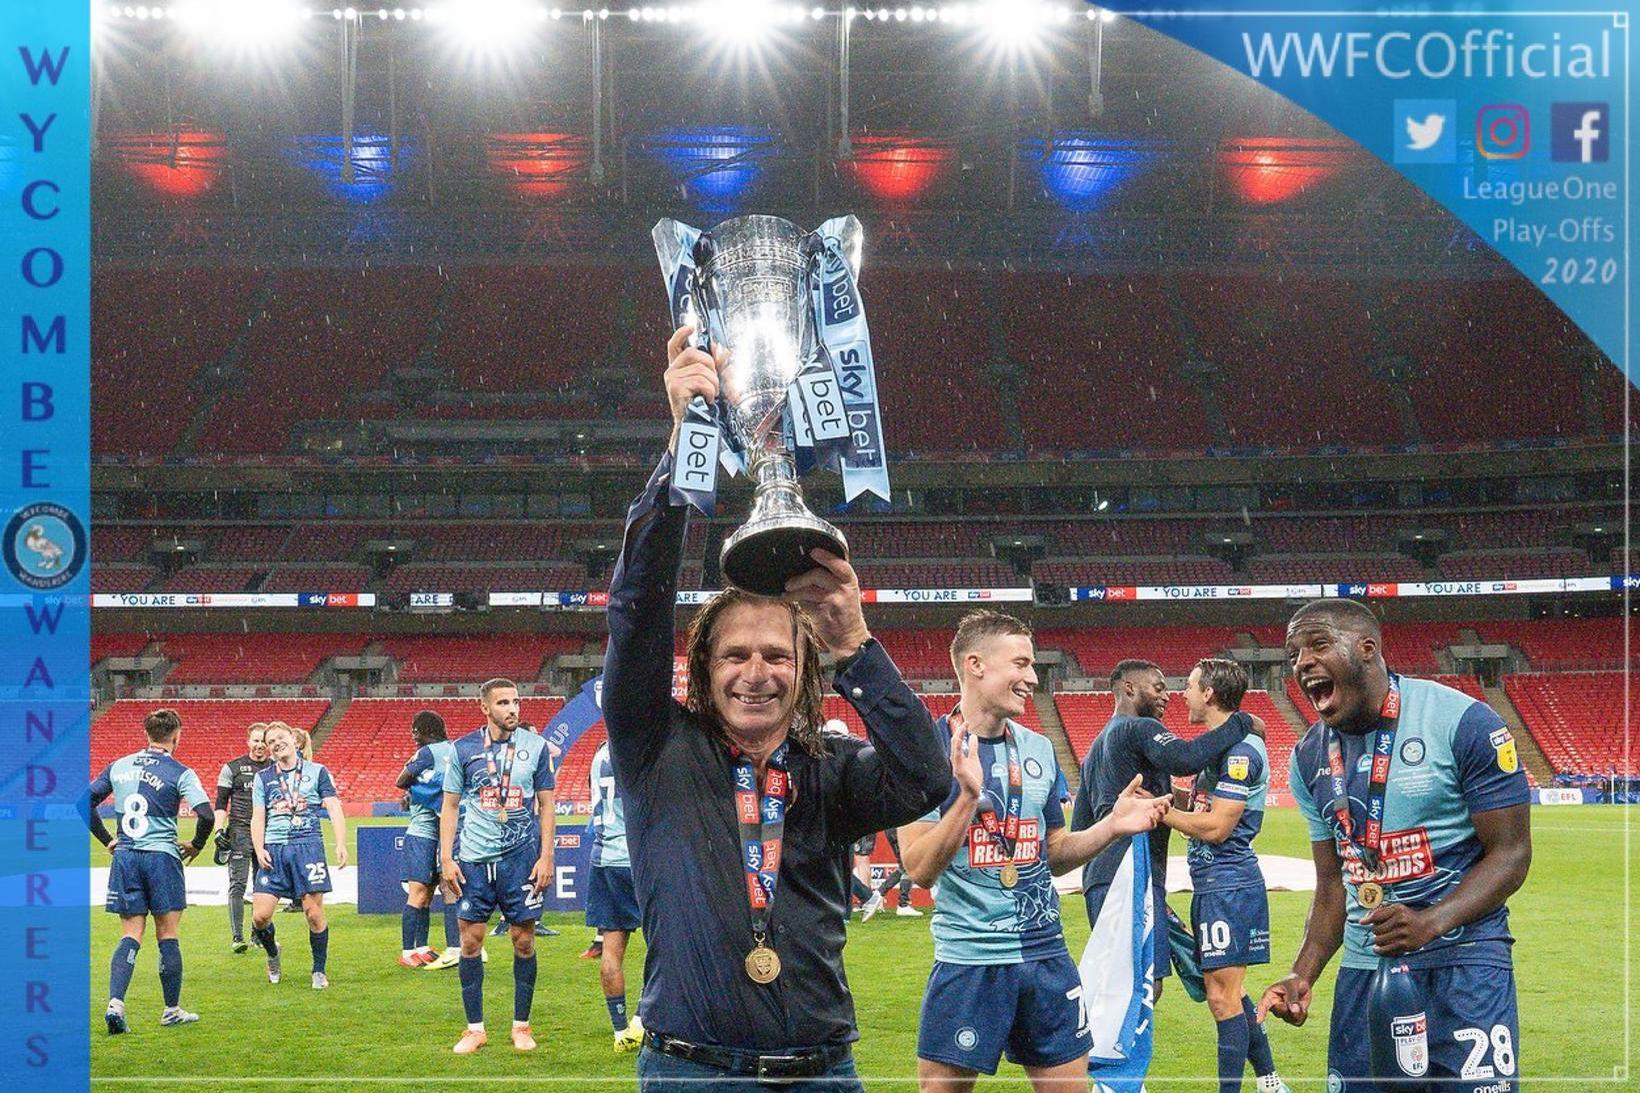 Gareth Ainsworth knattspyrnustjóri Wycombe Wanderers lyftir bikarnum á Wembley í …